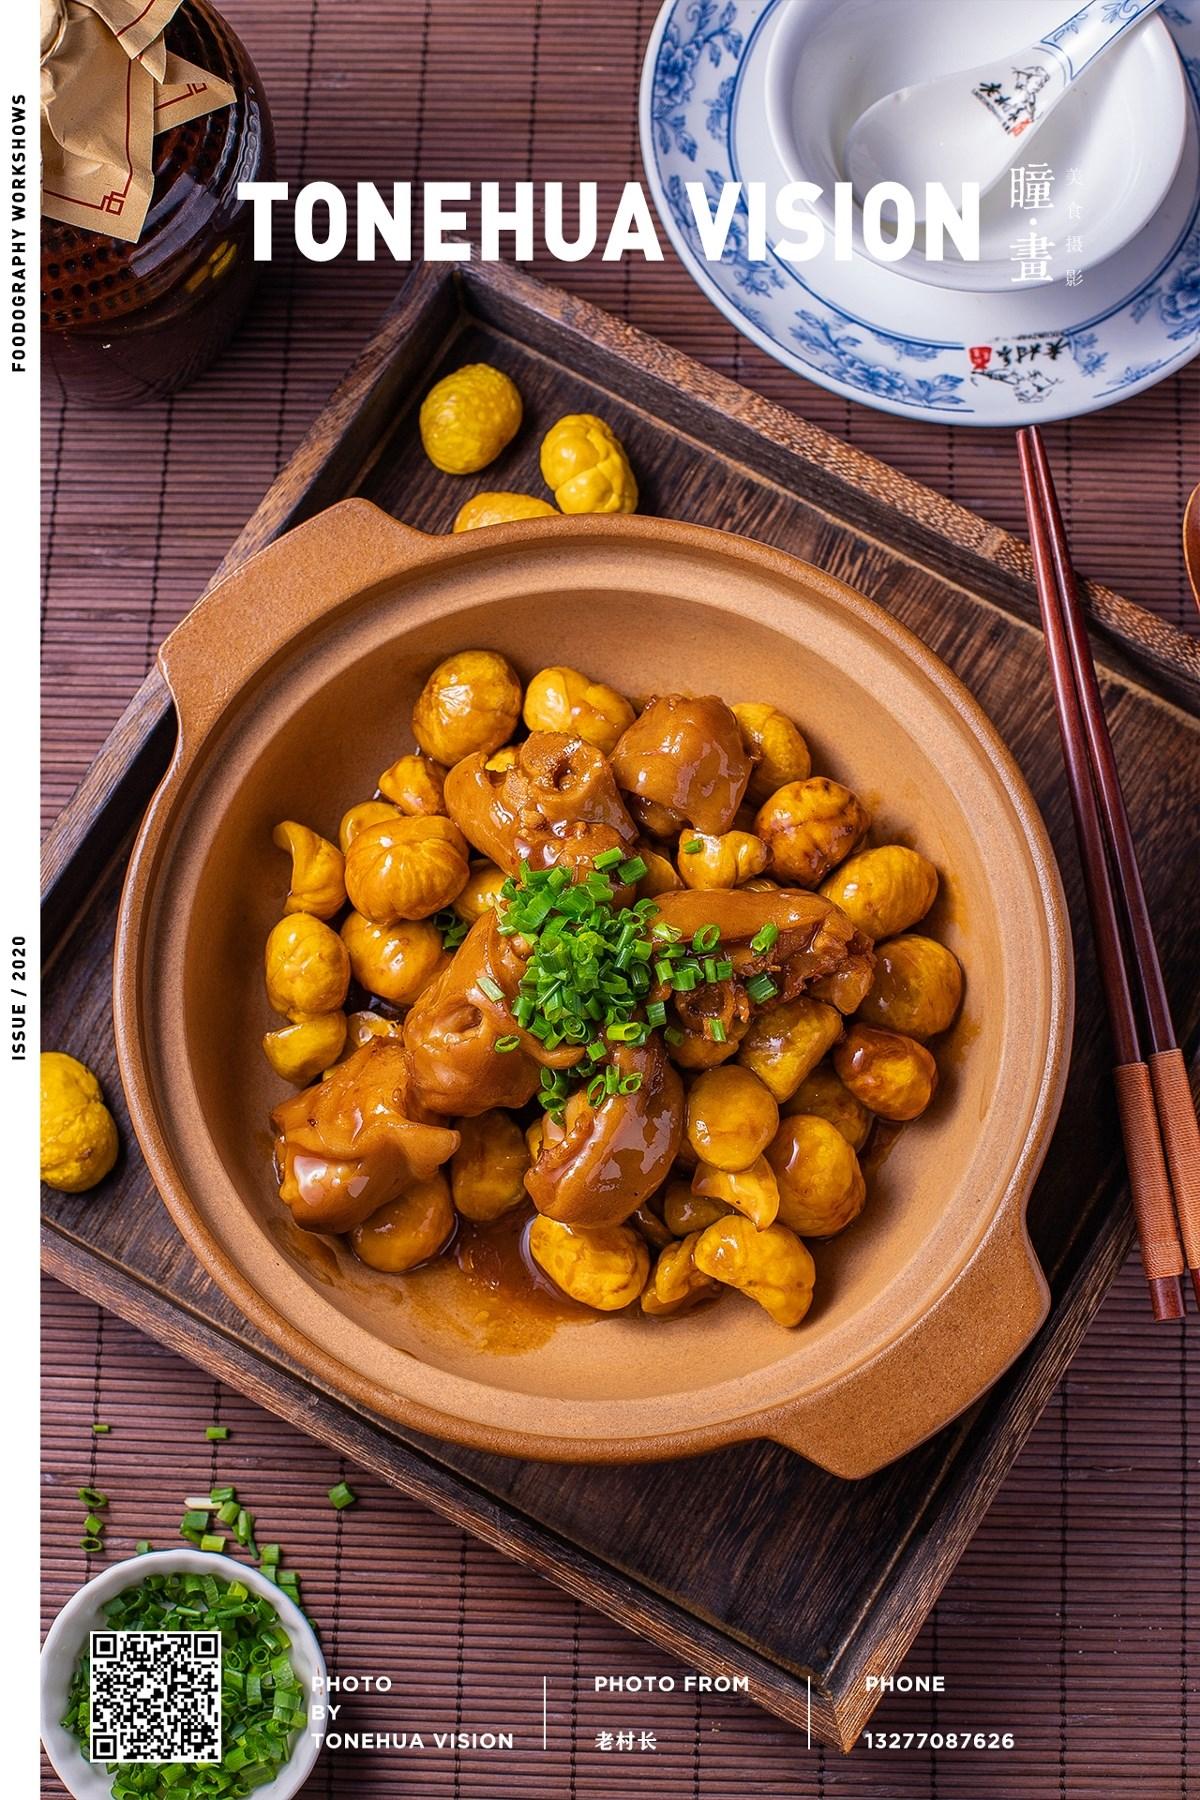 武汉专业美食摄影,菜品菜单拍摄,火锅烧烤拍摄